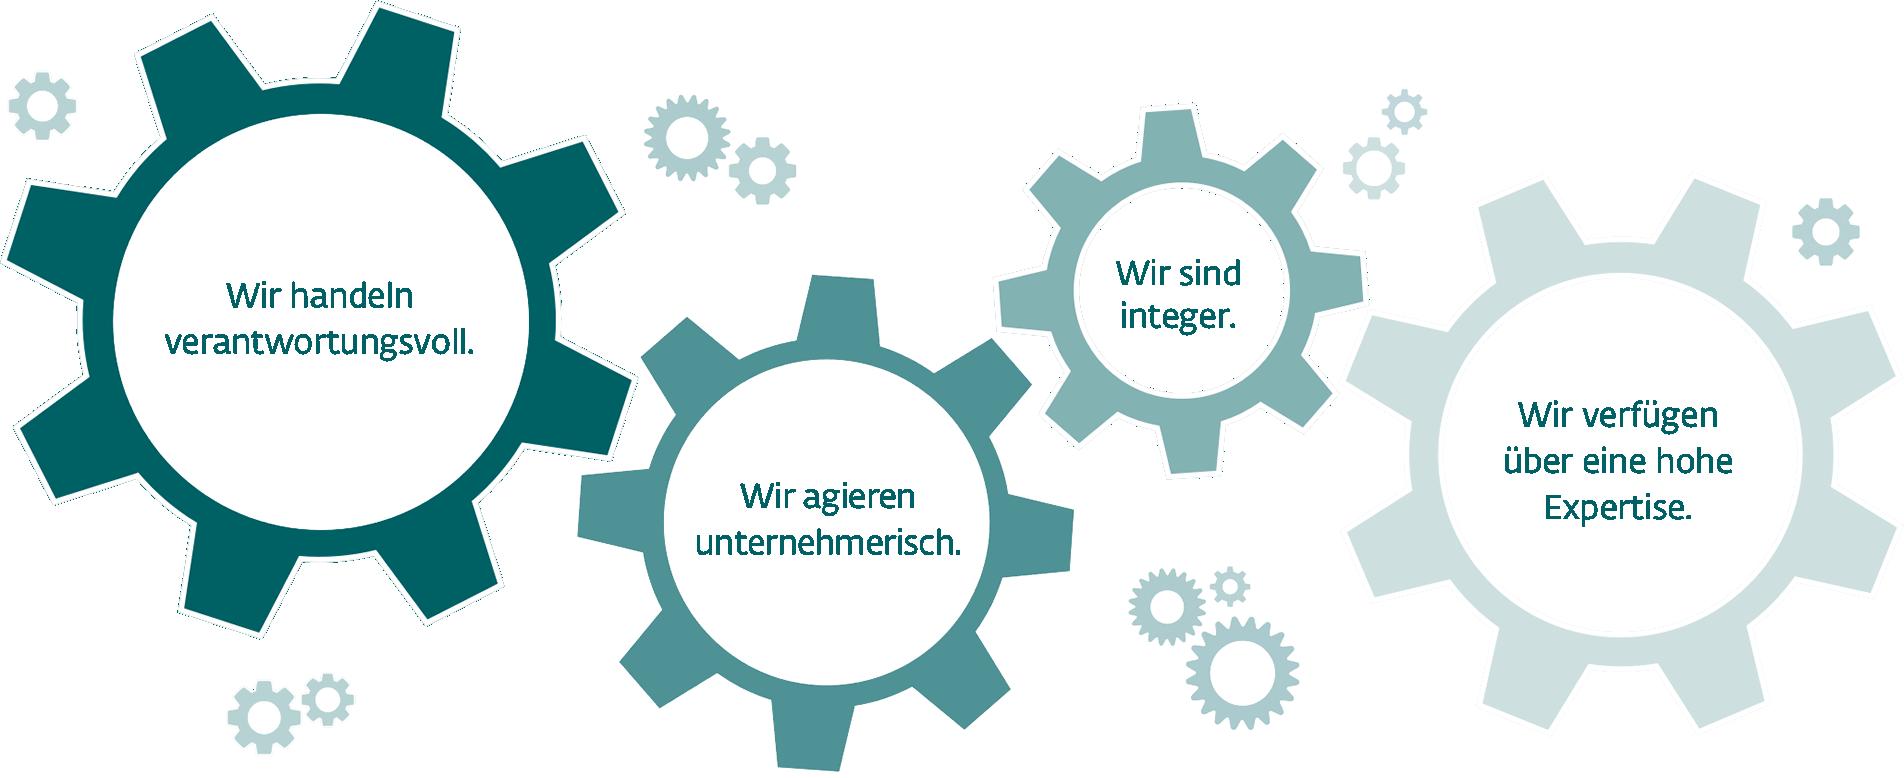 Grafik mit vier Zahnrädern, die die wichtigsten Aspekte der Unternehmensphilosophie der LEGIAL enthalten